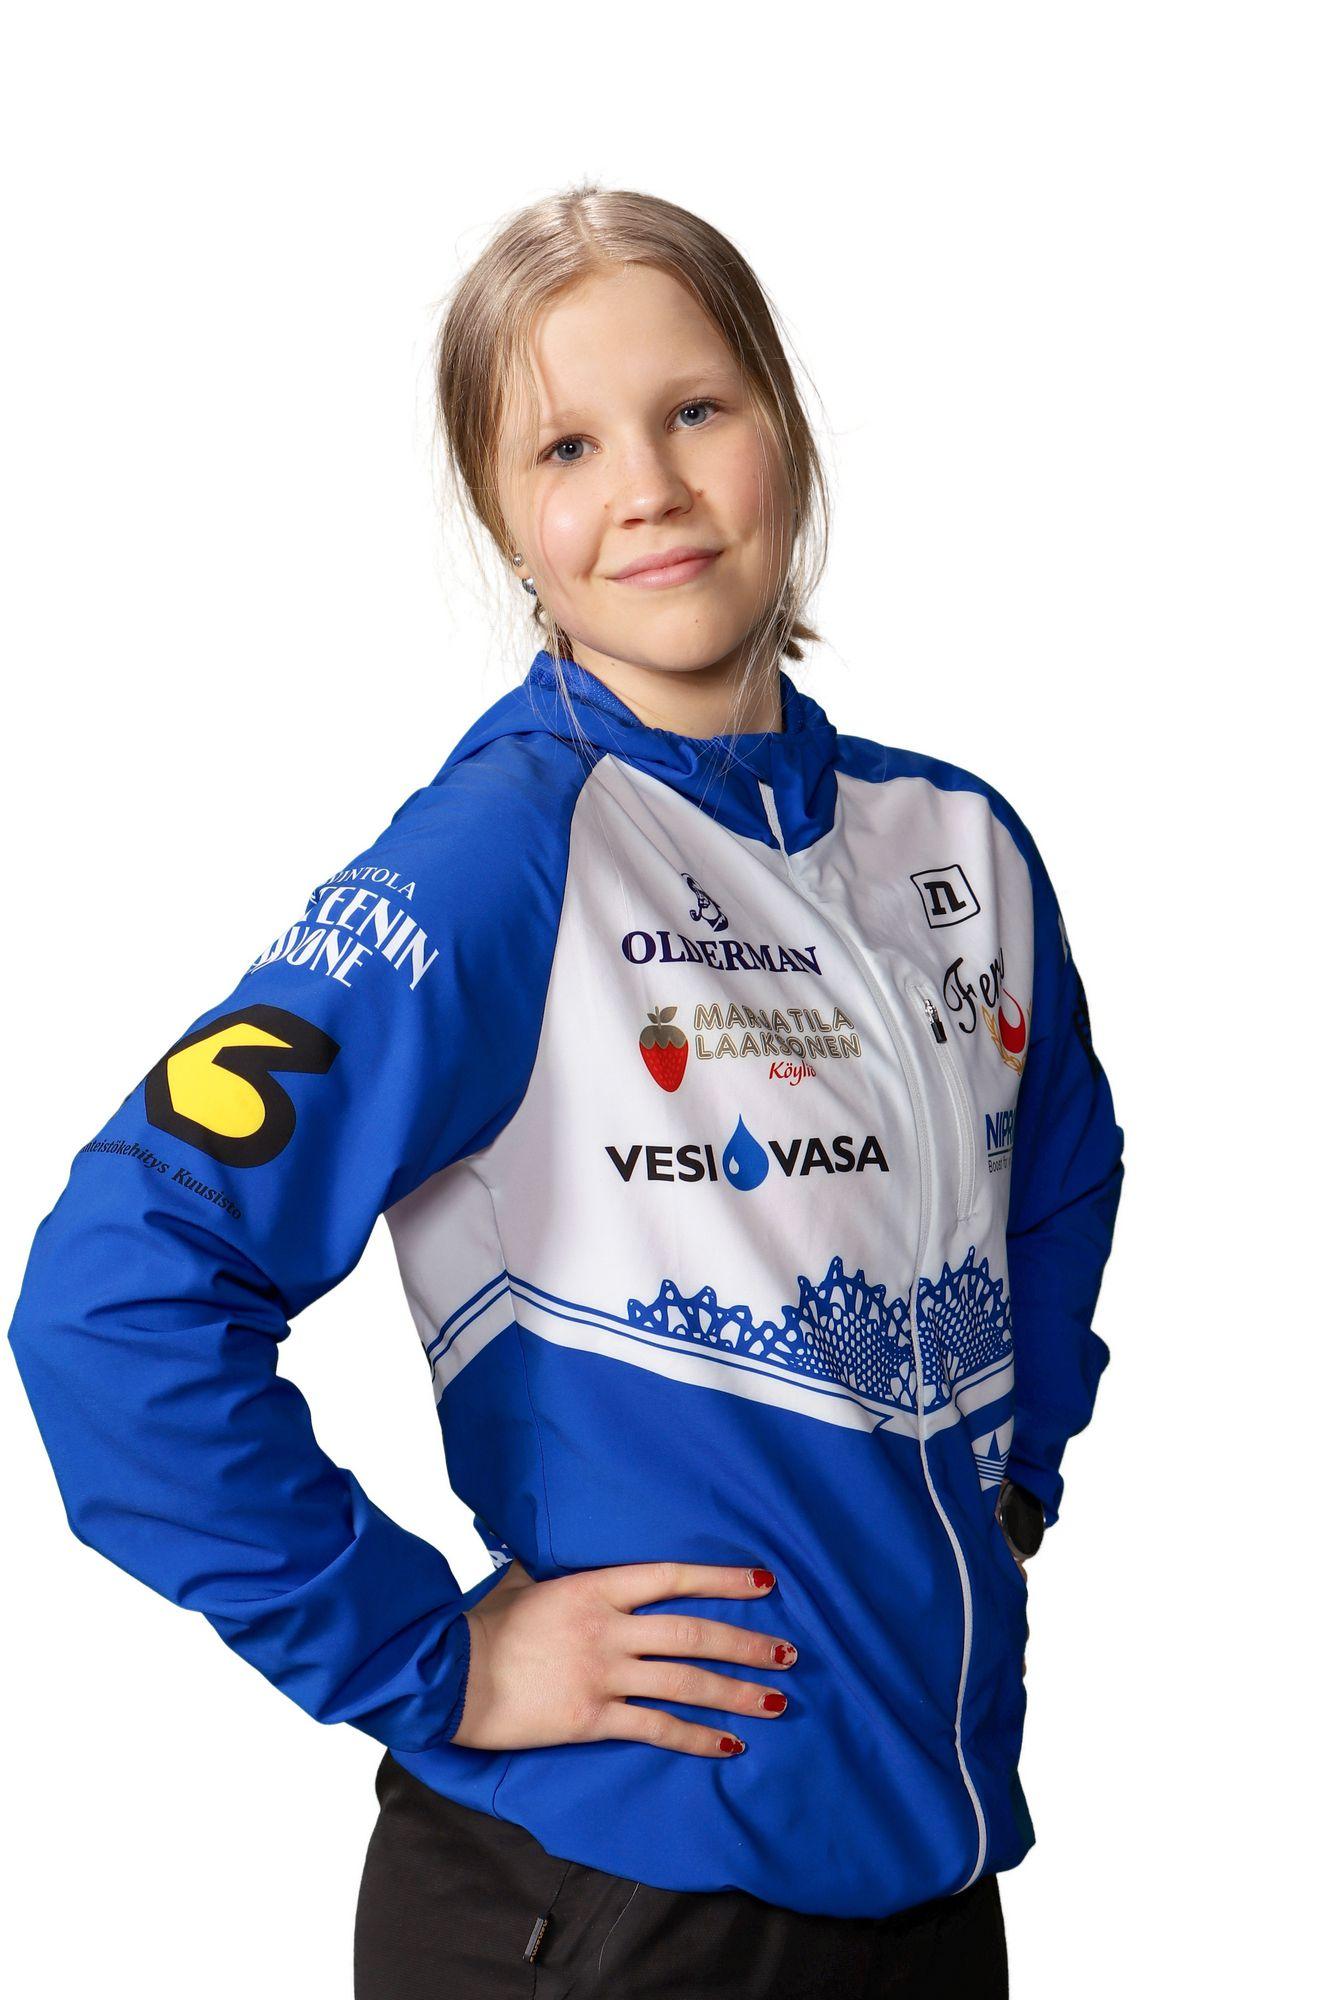 Erica Rosendahl